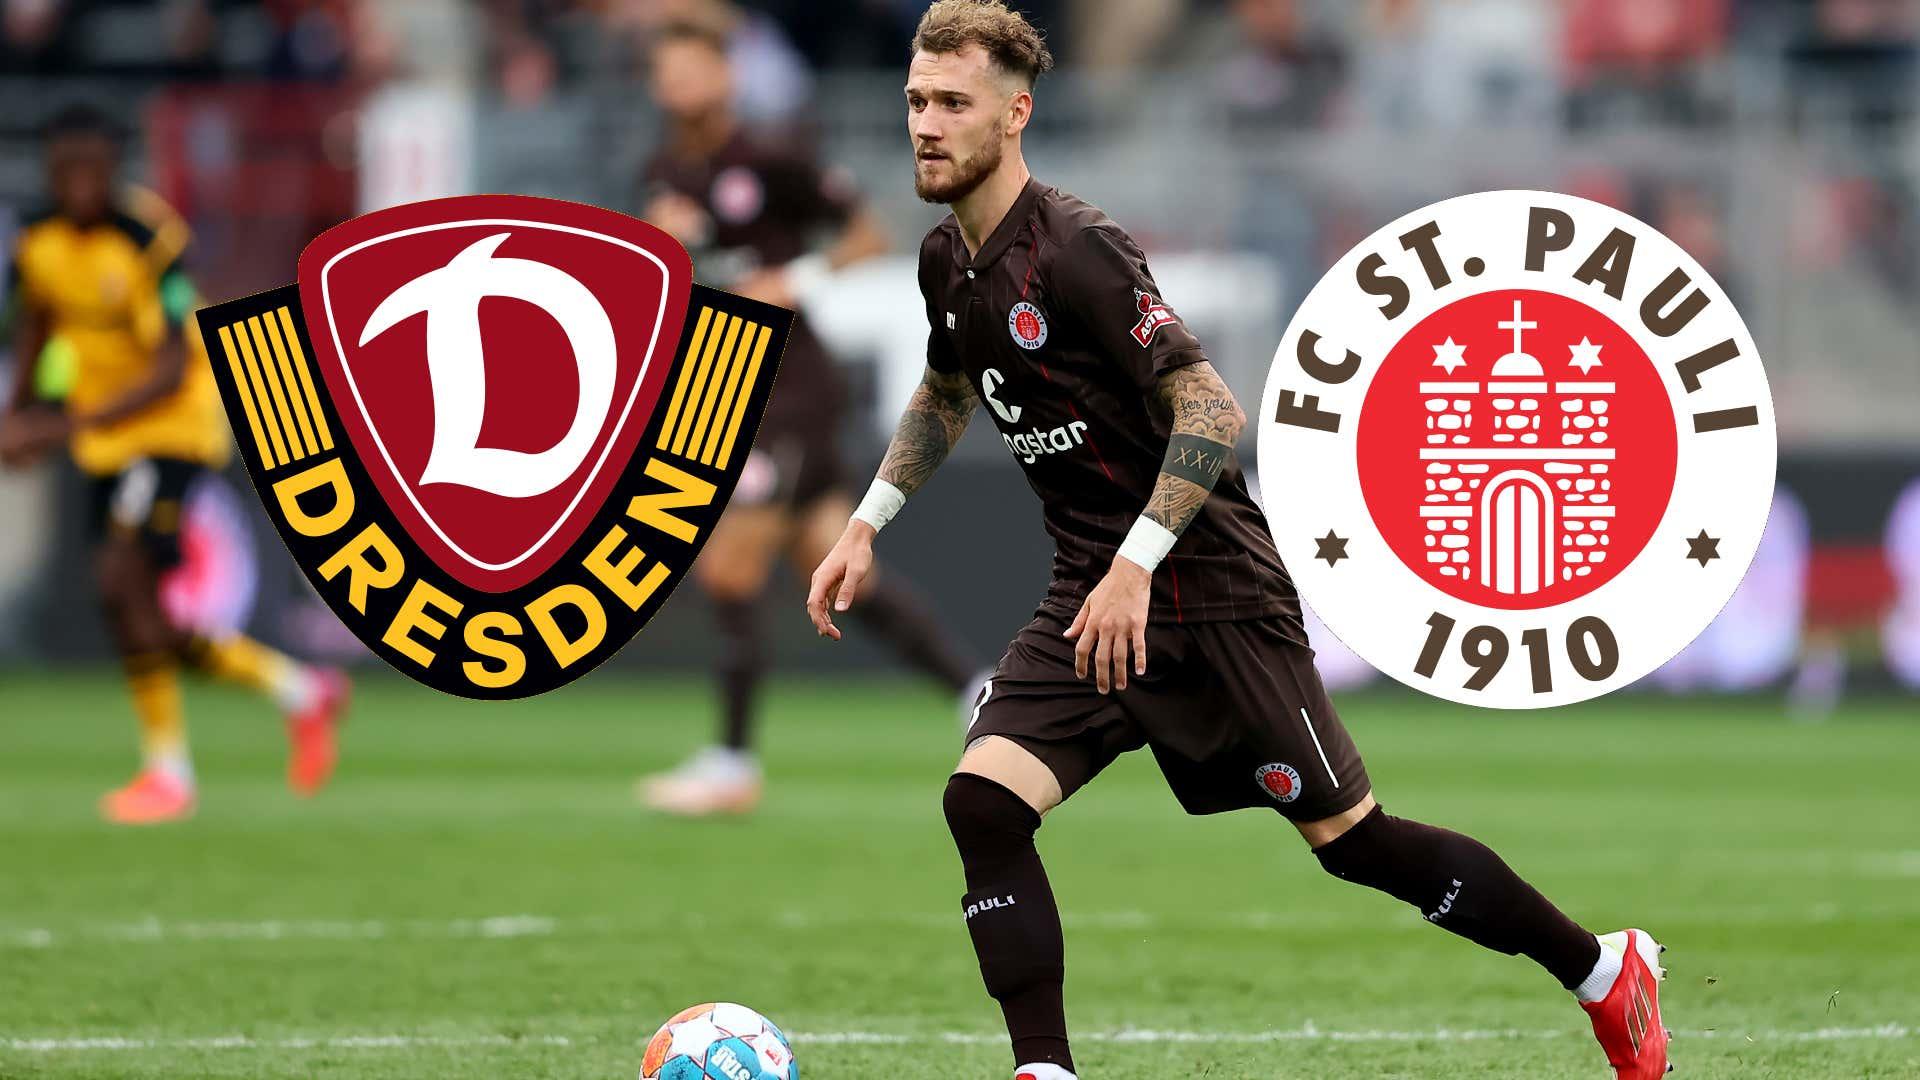 Wer zeigt / überträgt Dynamo Dresden vs. FC St. Pauli live im TV und LIVE-STREAM? So wird der DFB-Pokal übertragen | Goal.com